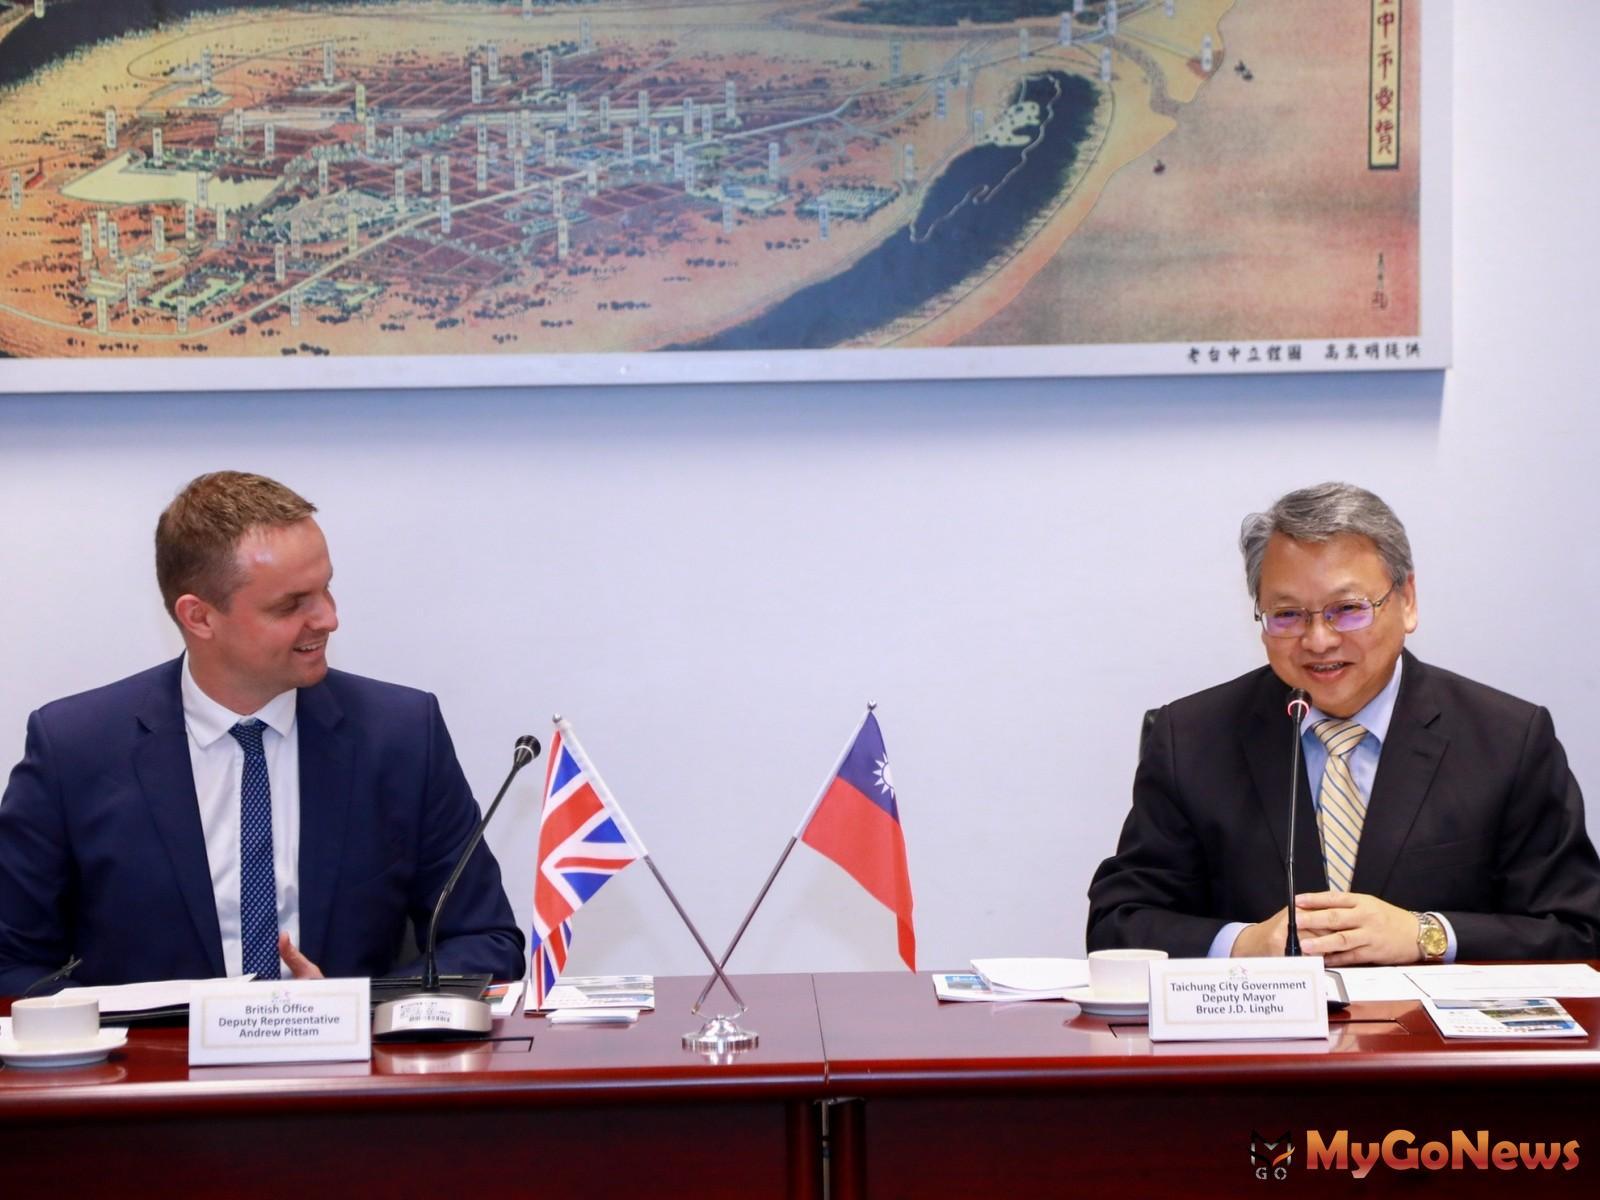 令狐副市長表示-市府與英國在台辦事處合作密切-盼未來推動更多與英國交流與合作事項(圖:台中市政府) MyGoNews房地產新聞 區域情報